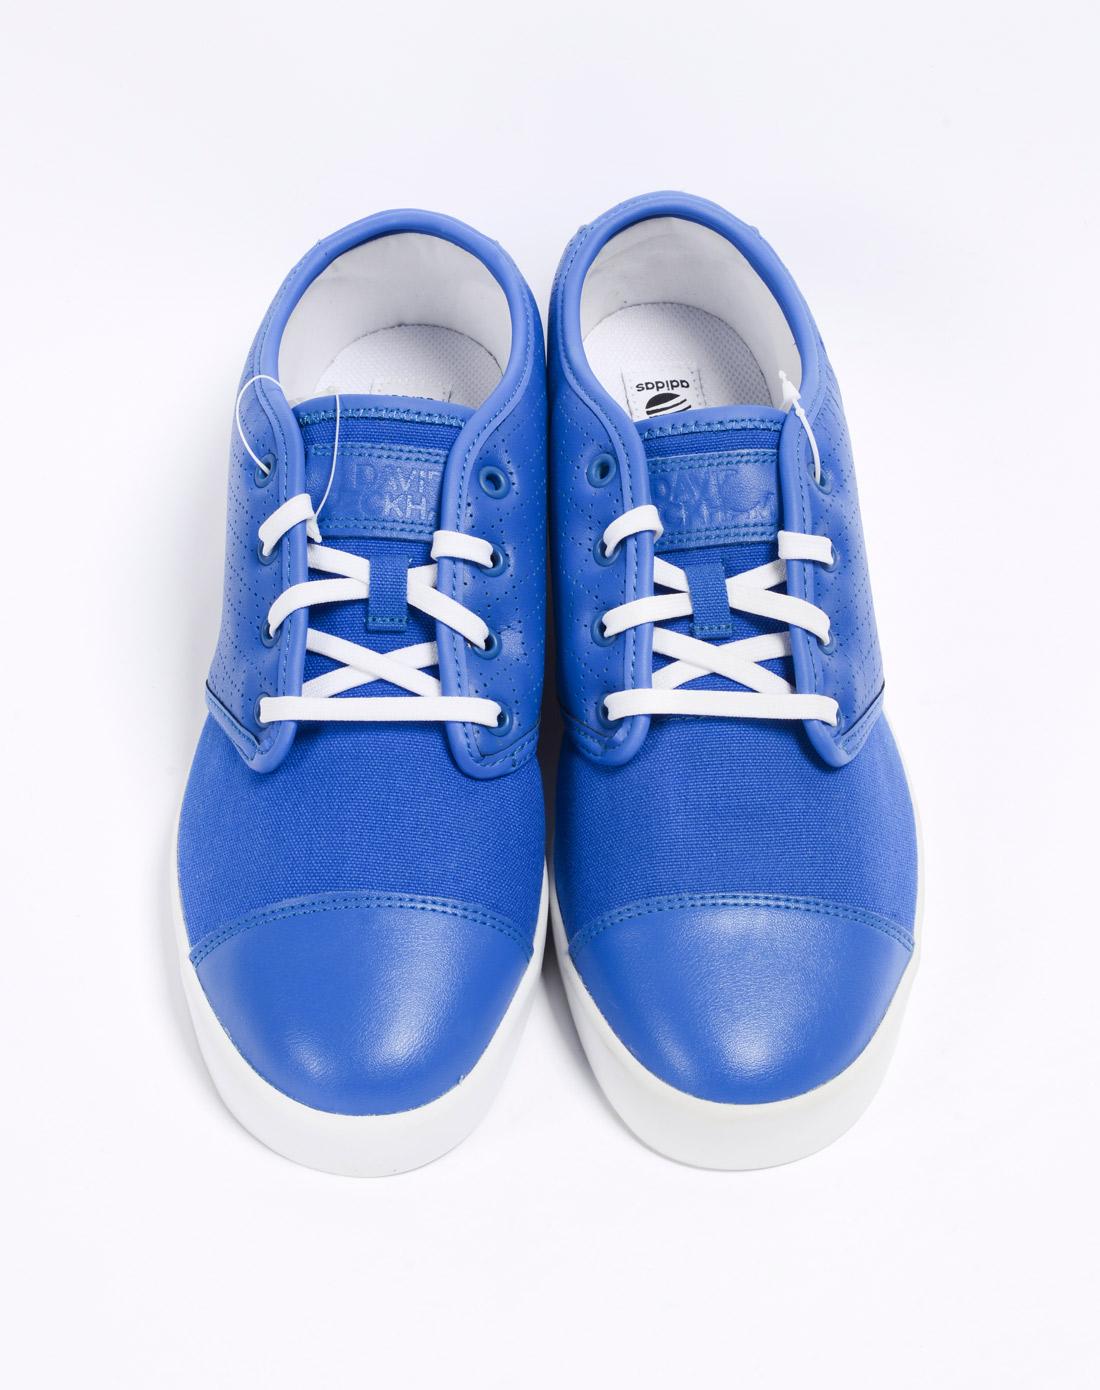 阿迪达斯adidas男女鞋男子蓝色复古鞋G53951 唯品会 -男子蓝色复古鞋